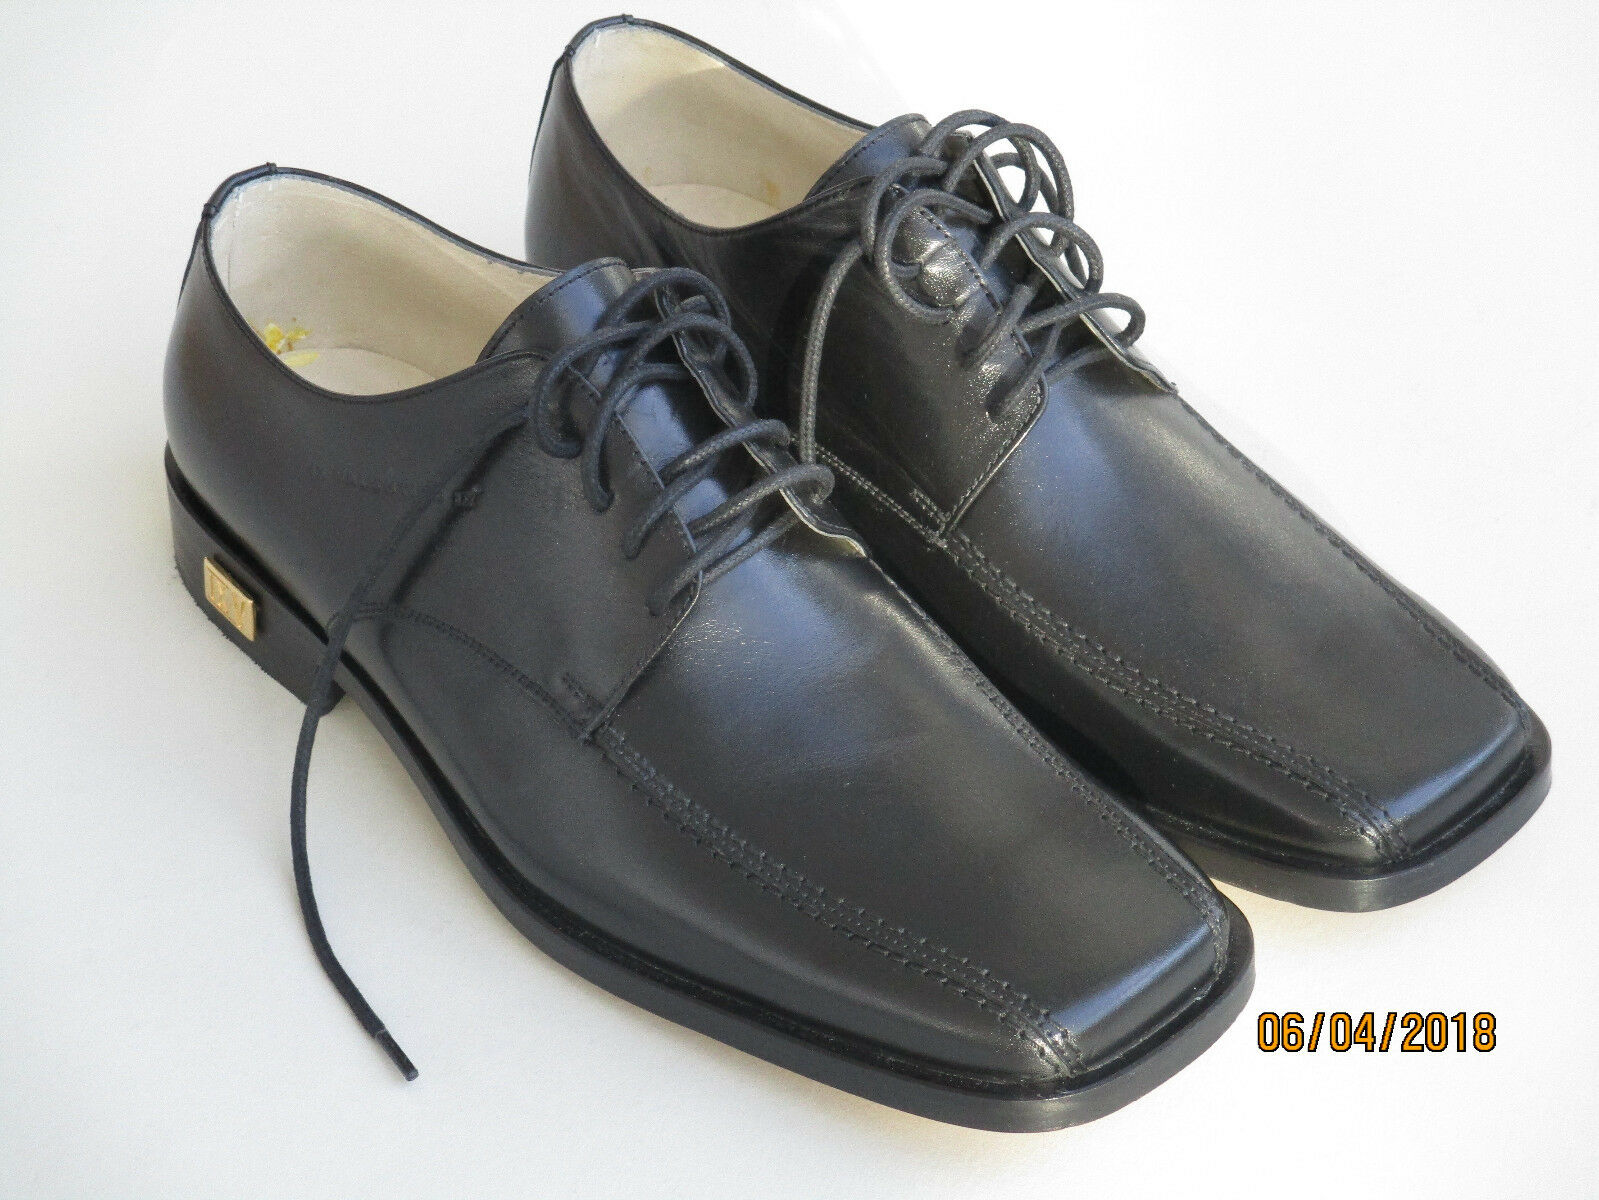 Valentino Herren Schuhe Gr. 42 Leder Herren Valentino MADE IN ITALY 2abf3f